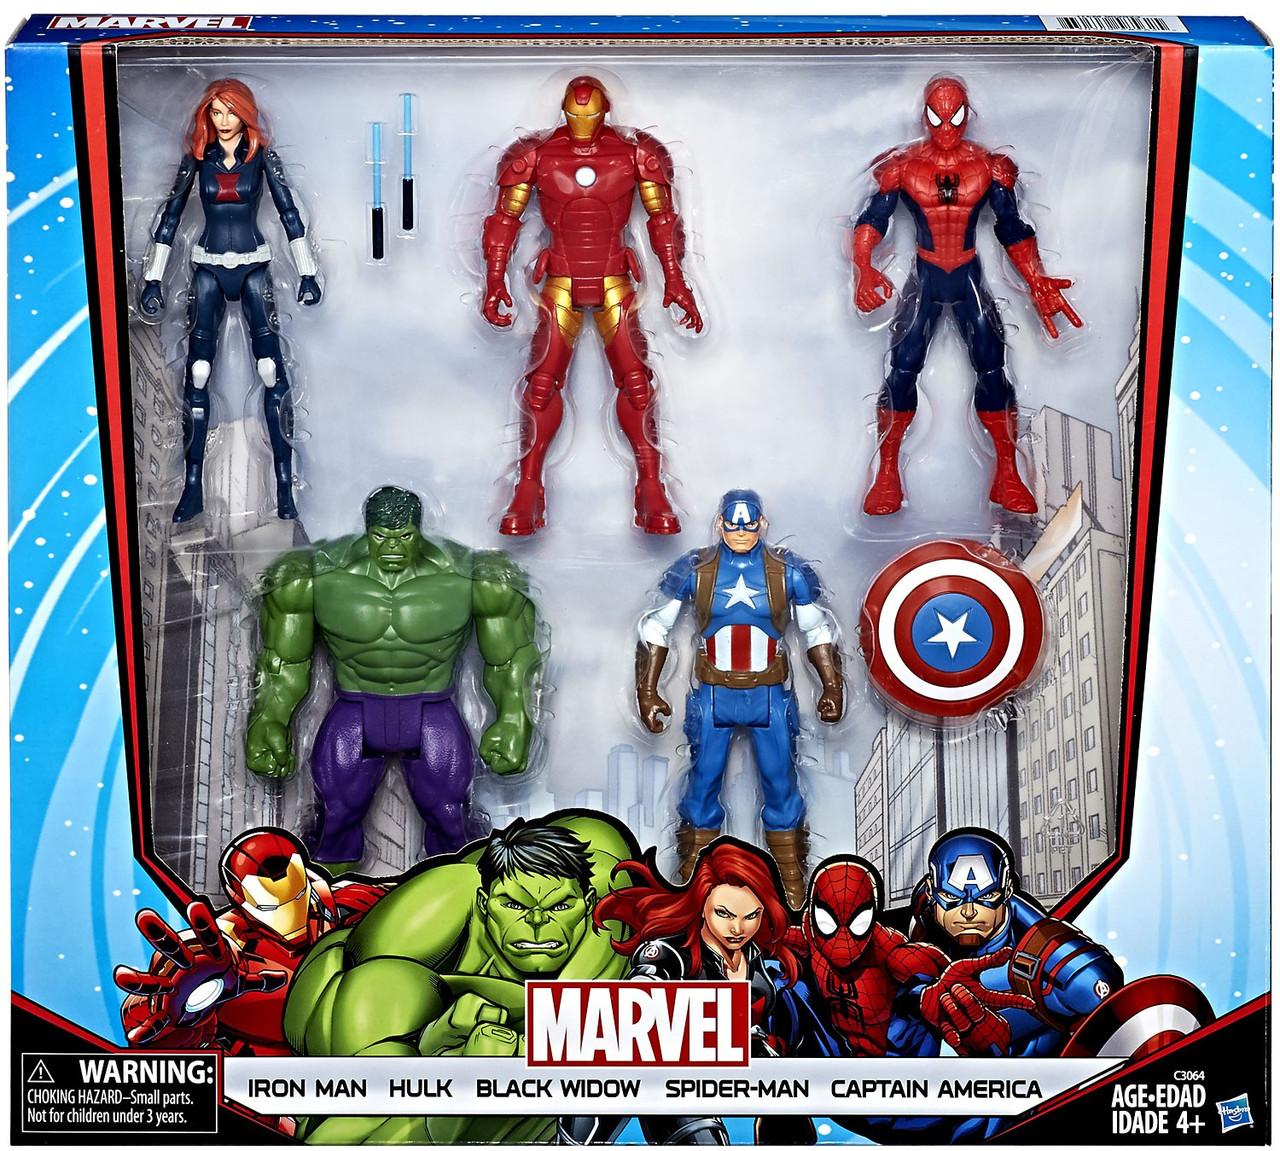 МСТИТЕЛИ подарочный набор фигурок Хасбро / Avengers Marvel Hasbro